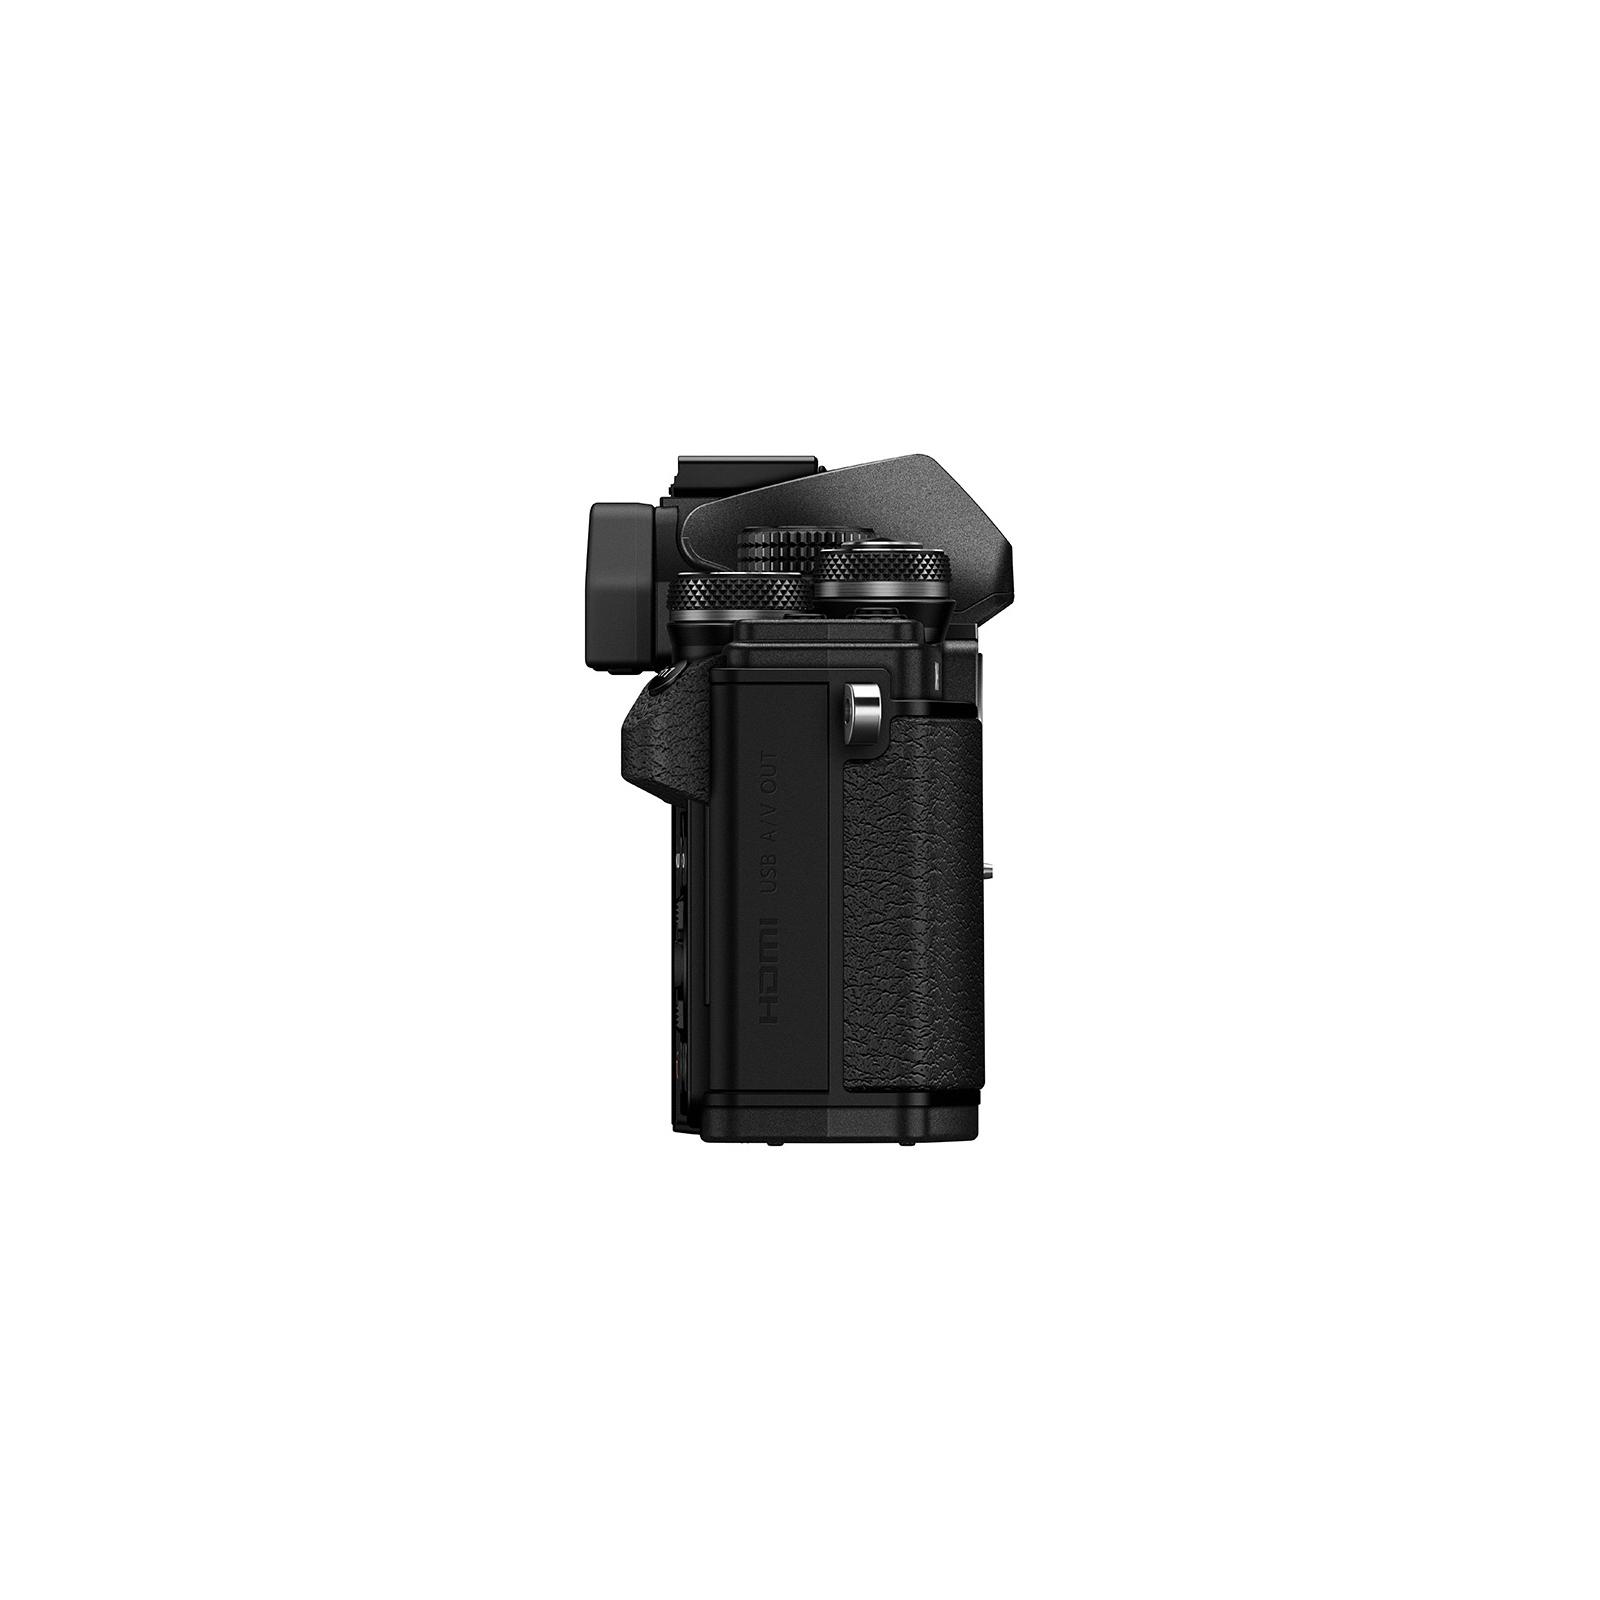 Цифровой фотоаппарат OLYMPUS E-M10 mark II 14-42 Kit black/black (V207051BE000) изображение 9